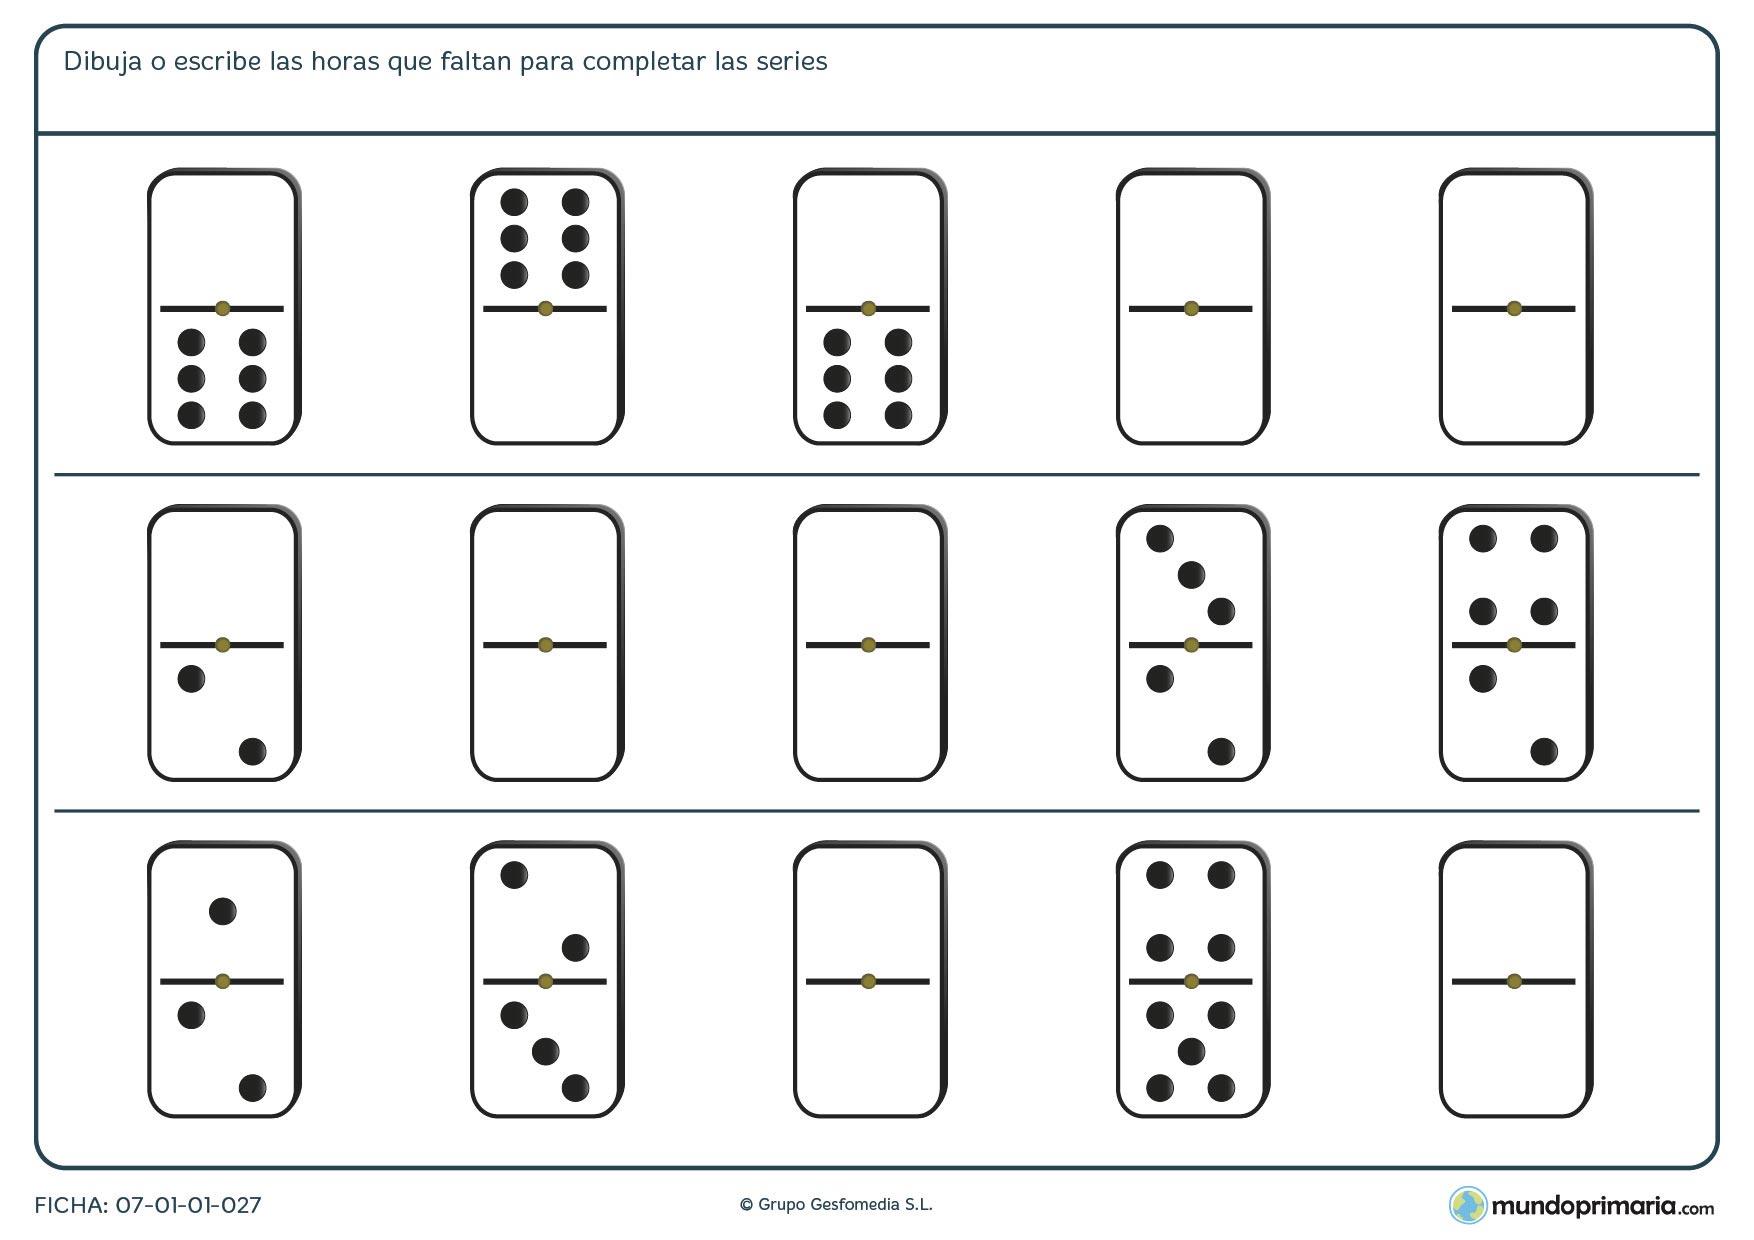 Ficha de rellenar la serie del dominó adecuadamente para que sea lógica.